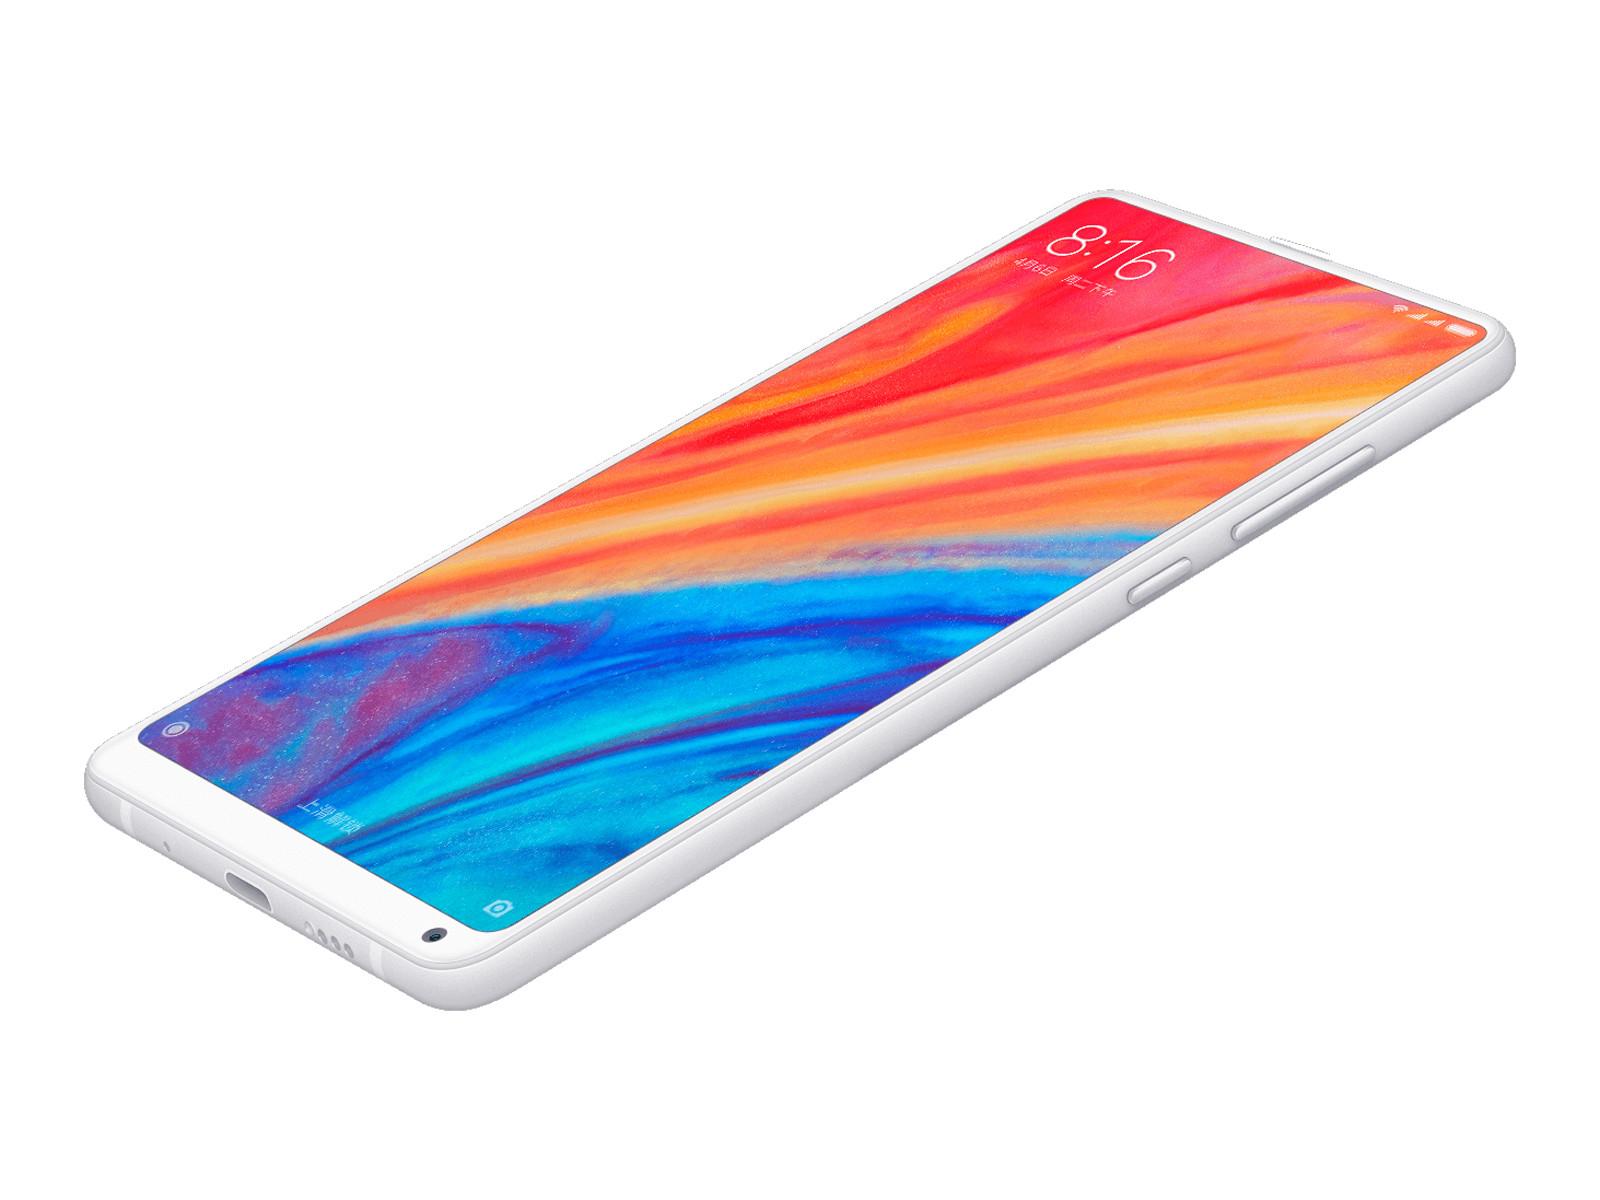 小米MIX2S(64GB)产品本身外观第7张